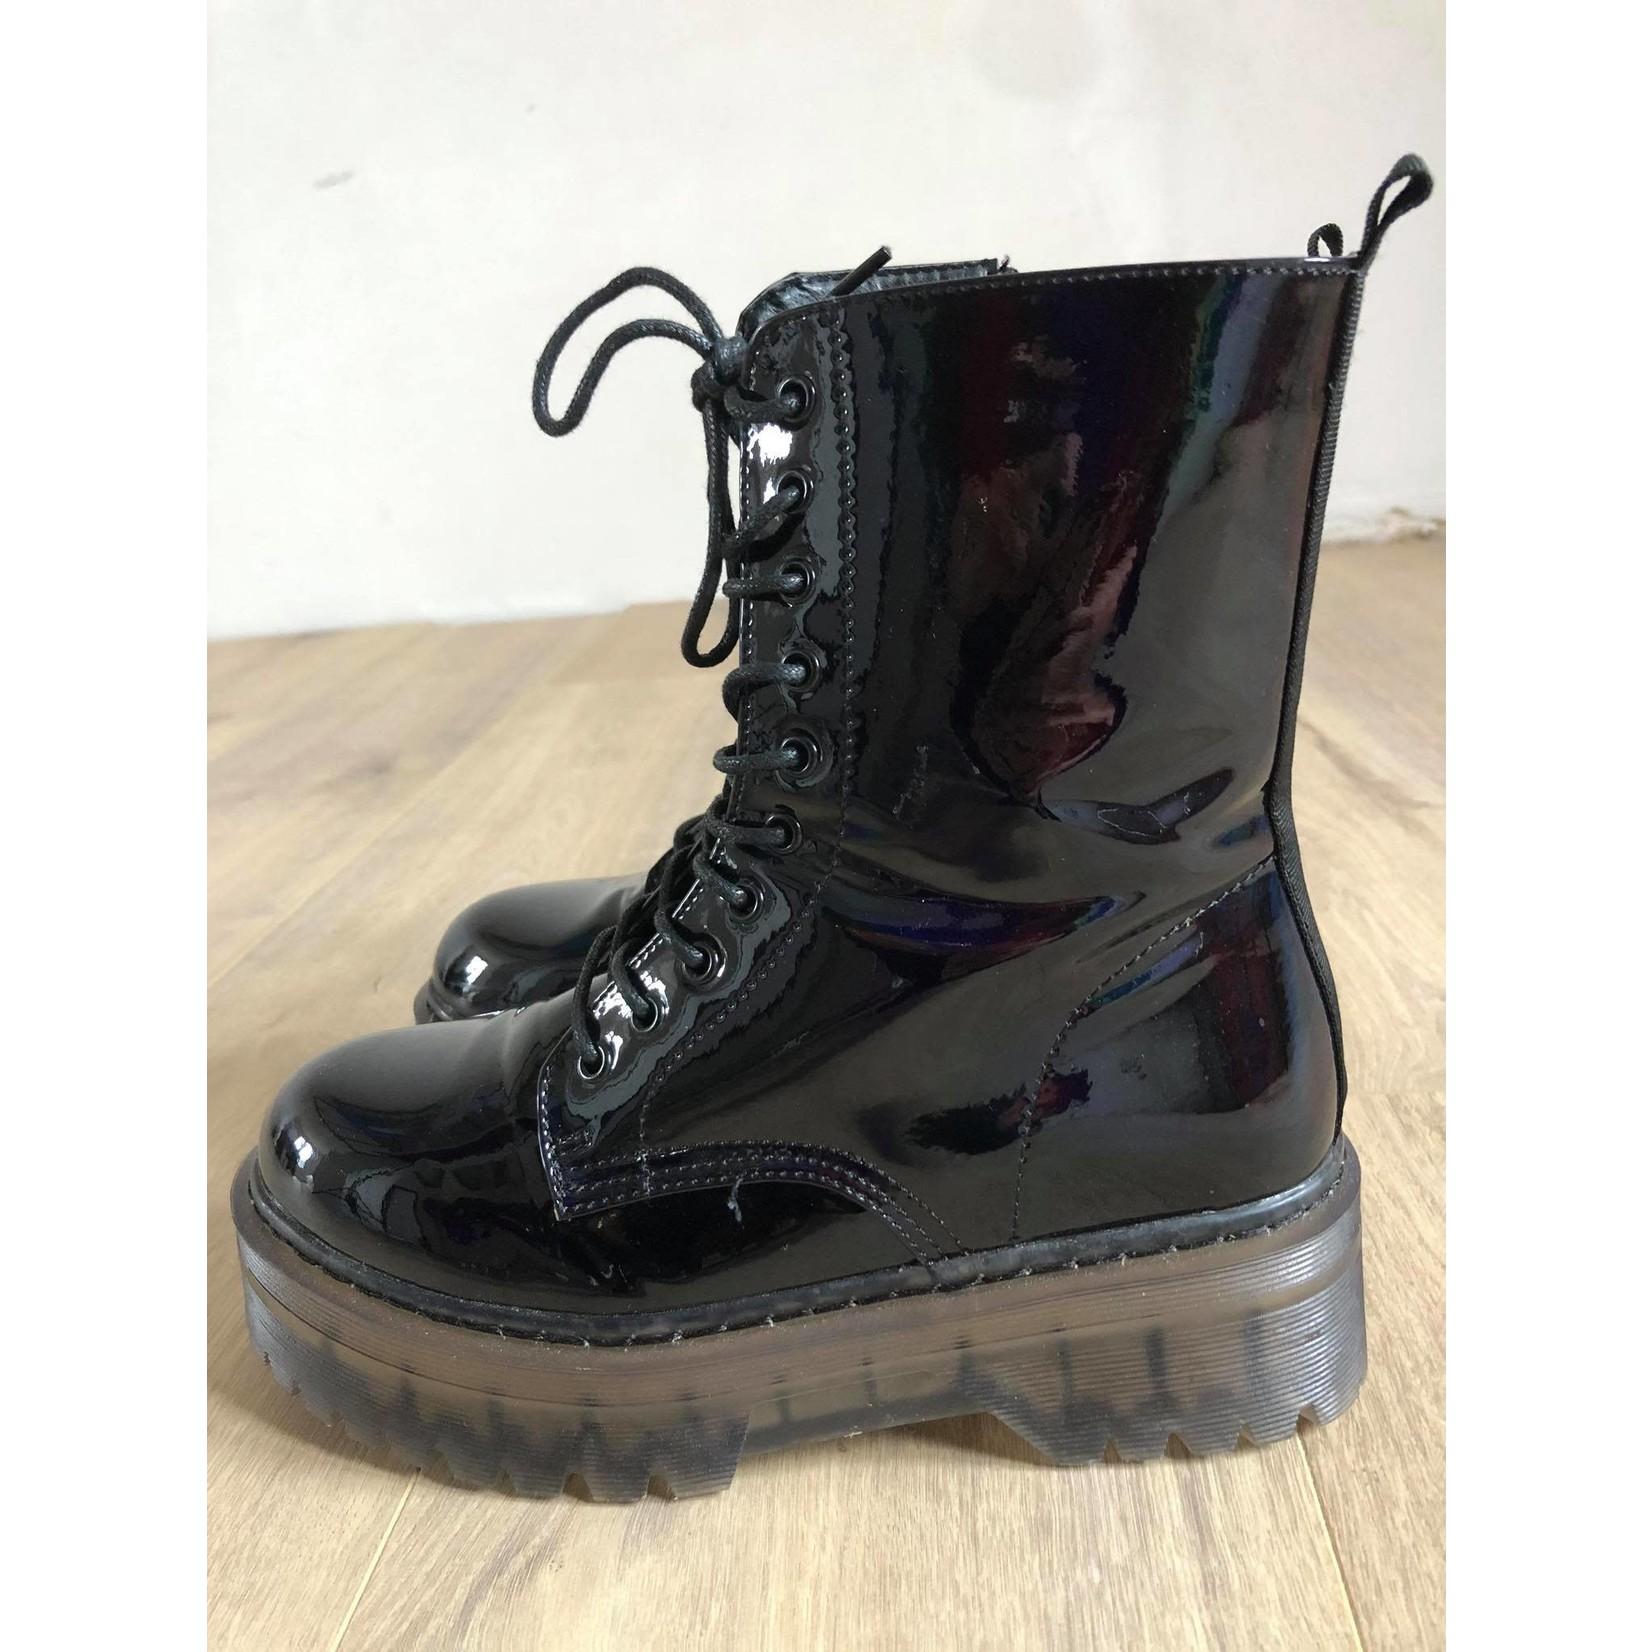 Moow boots shiny black